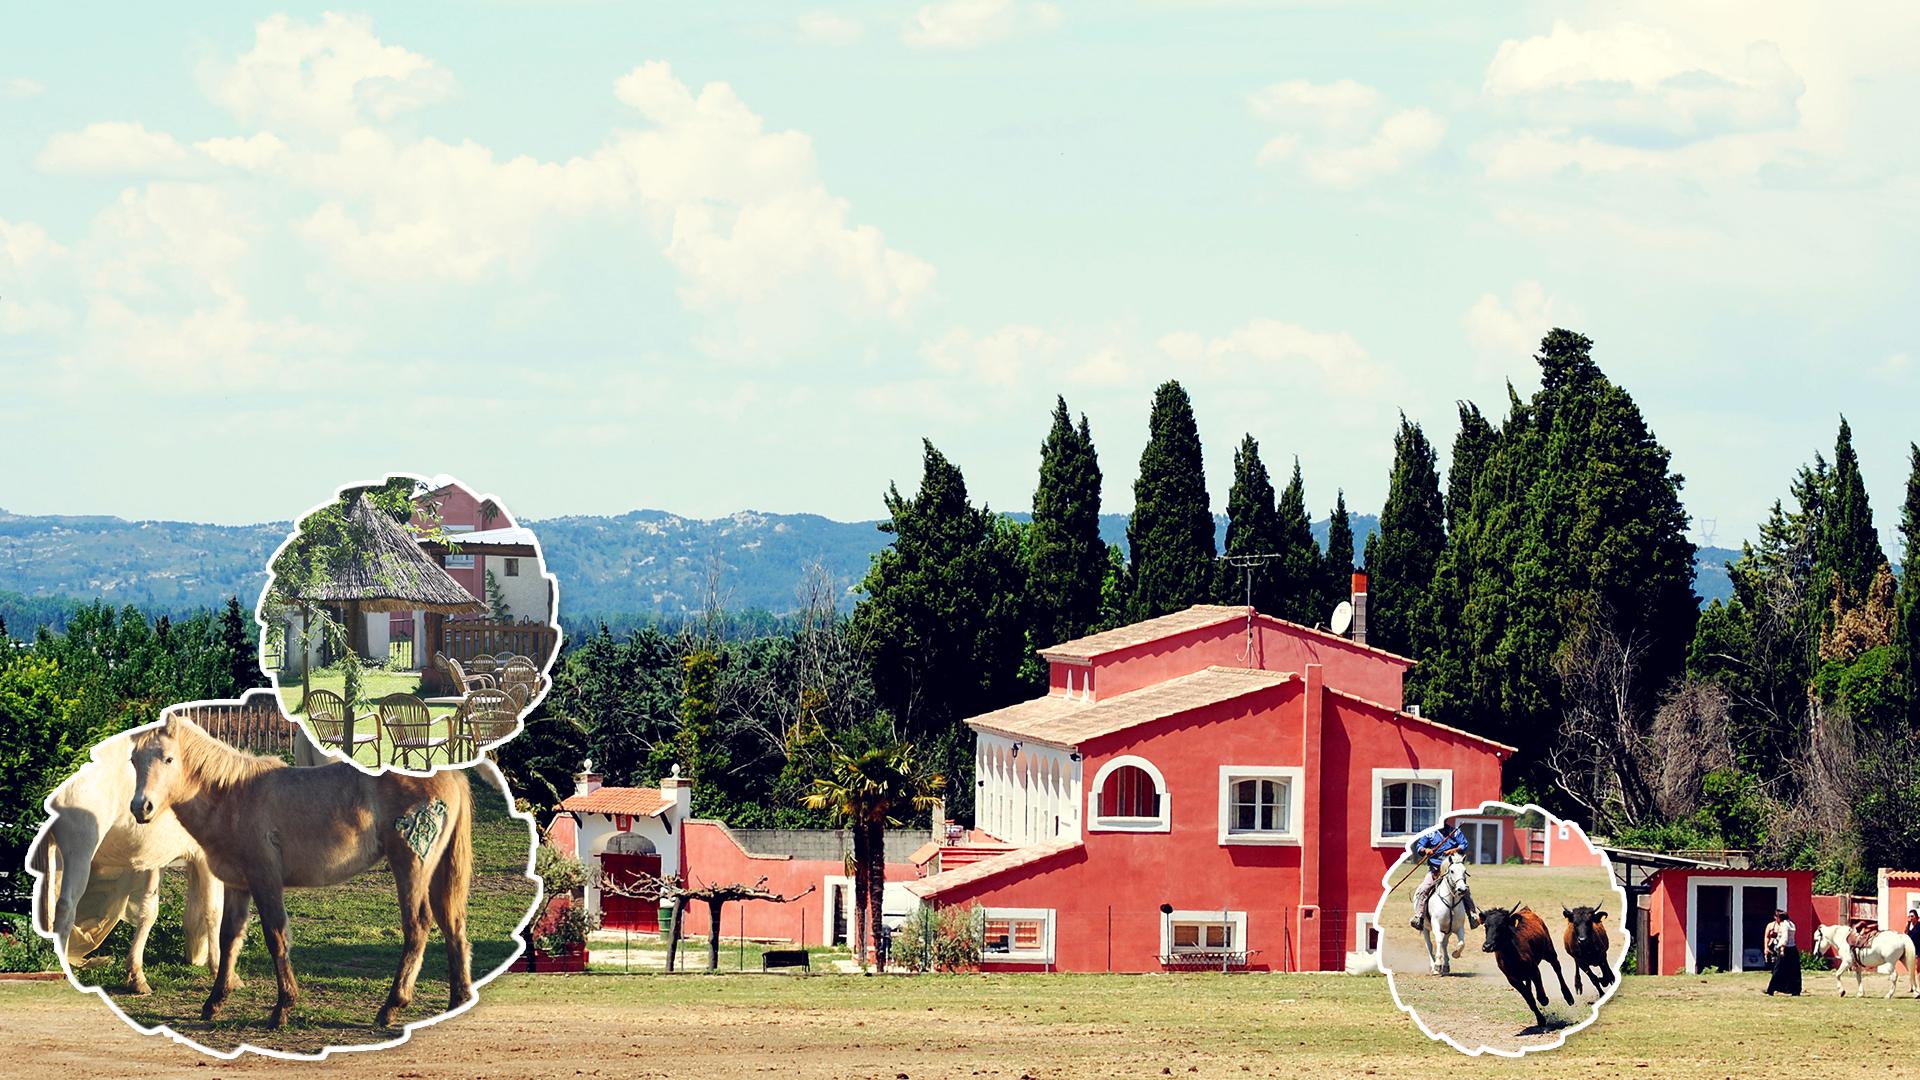 manade a Eyragues-elevage de taureaux Camargue-elevage de chevaux Camargue-location de salle a Eyragues-vente de paillotes-courses de taureaux-eleveur de taureaux